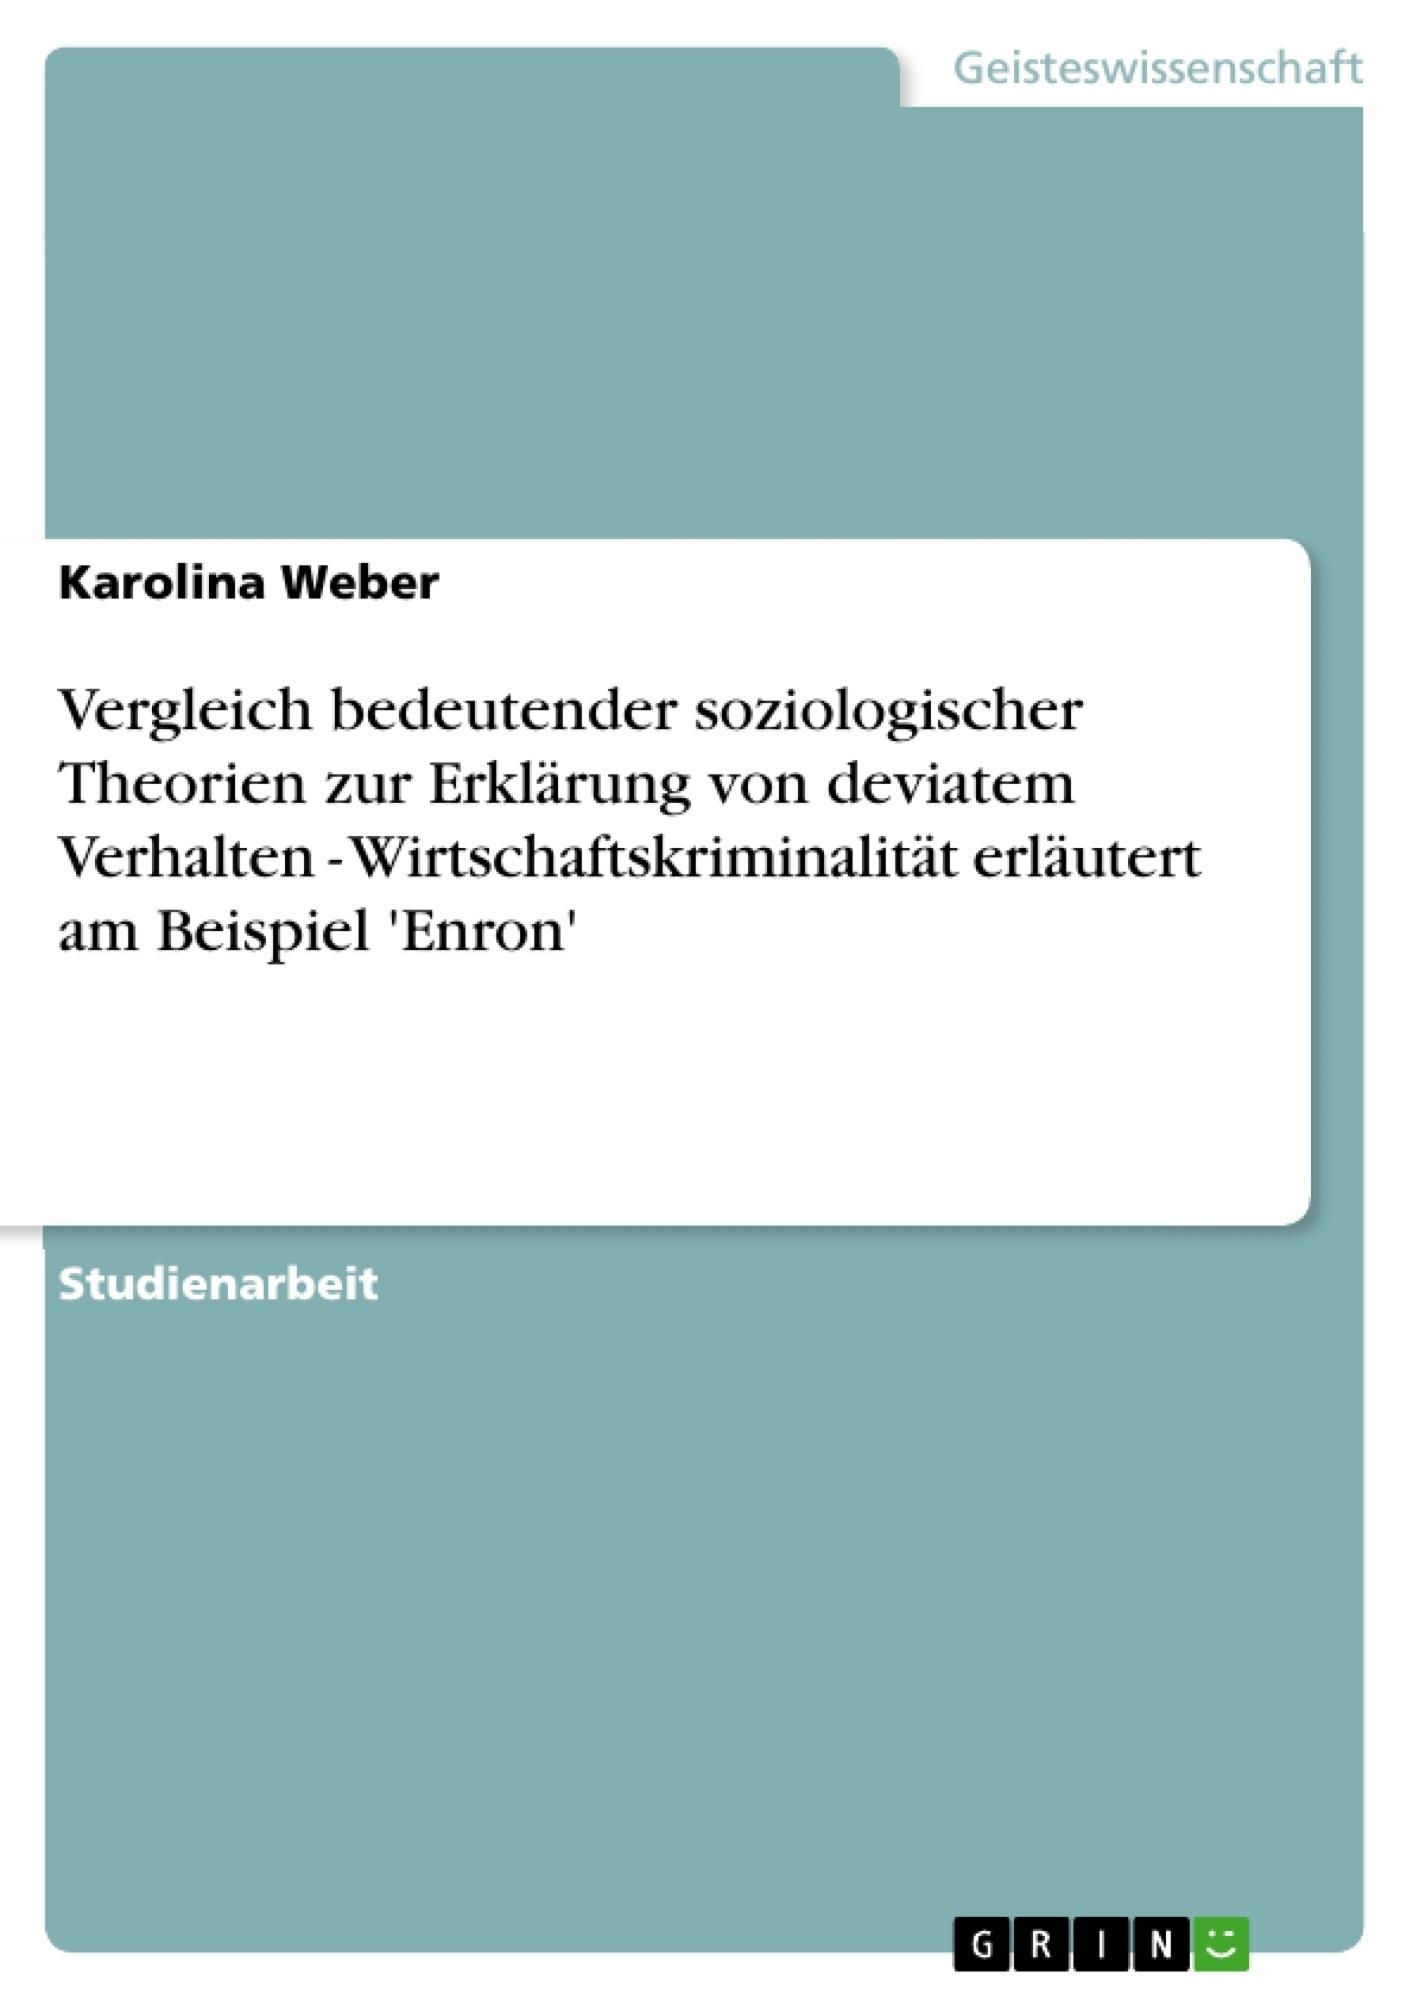 Titel: Vergleich bedeutender soziologischer Theorien zur Erklärung von deviatem Verhalten - Wirtschaftskriminalität erläutert am Beispiel 'Enron'